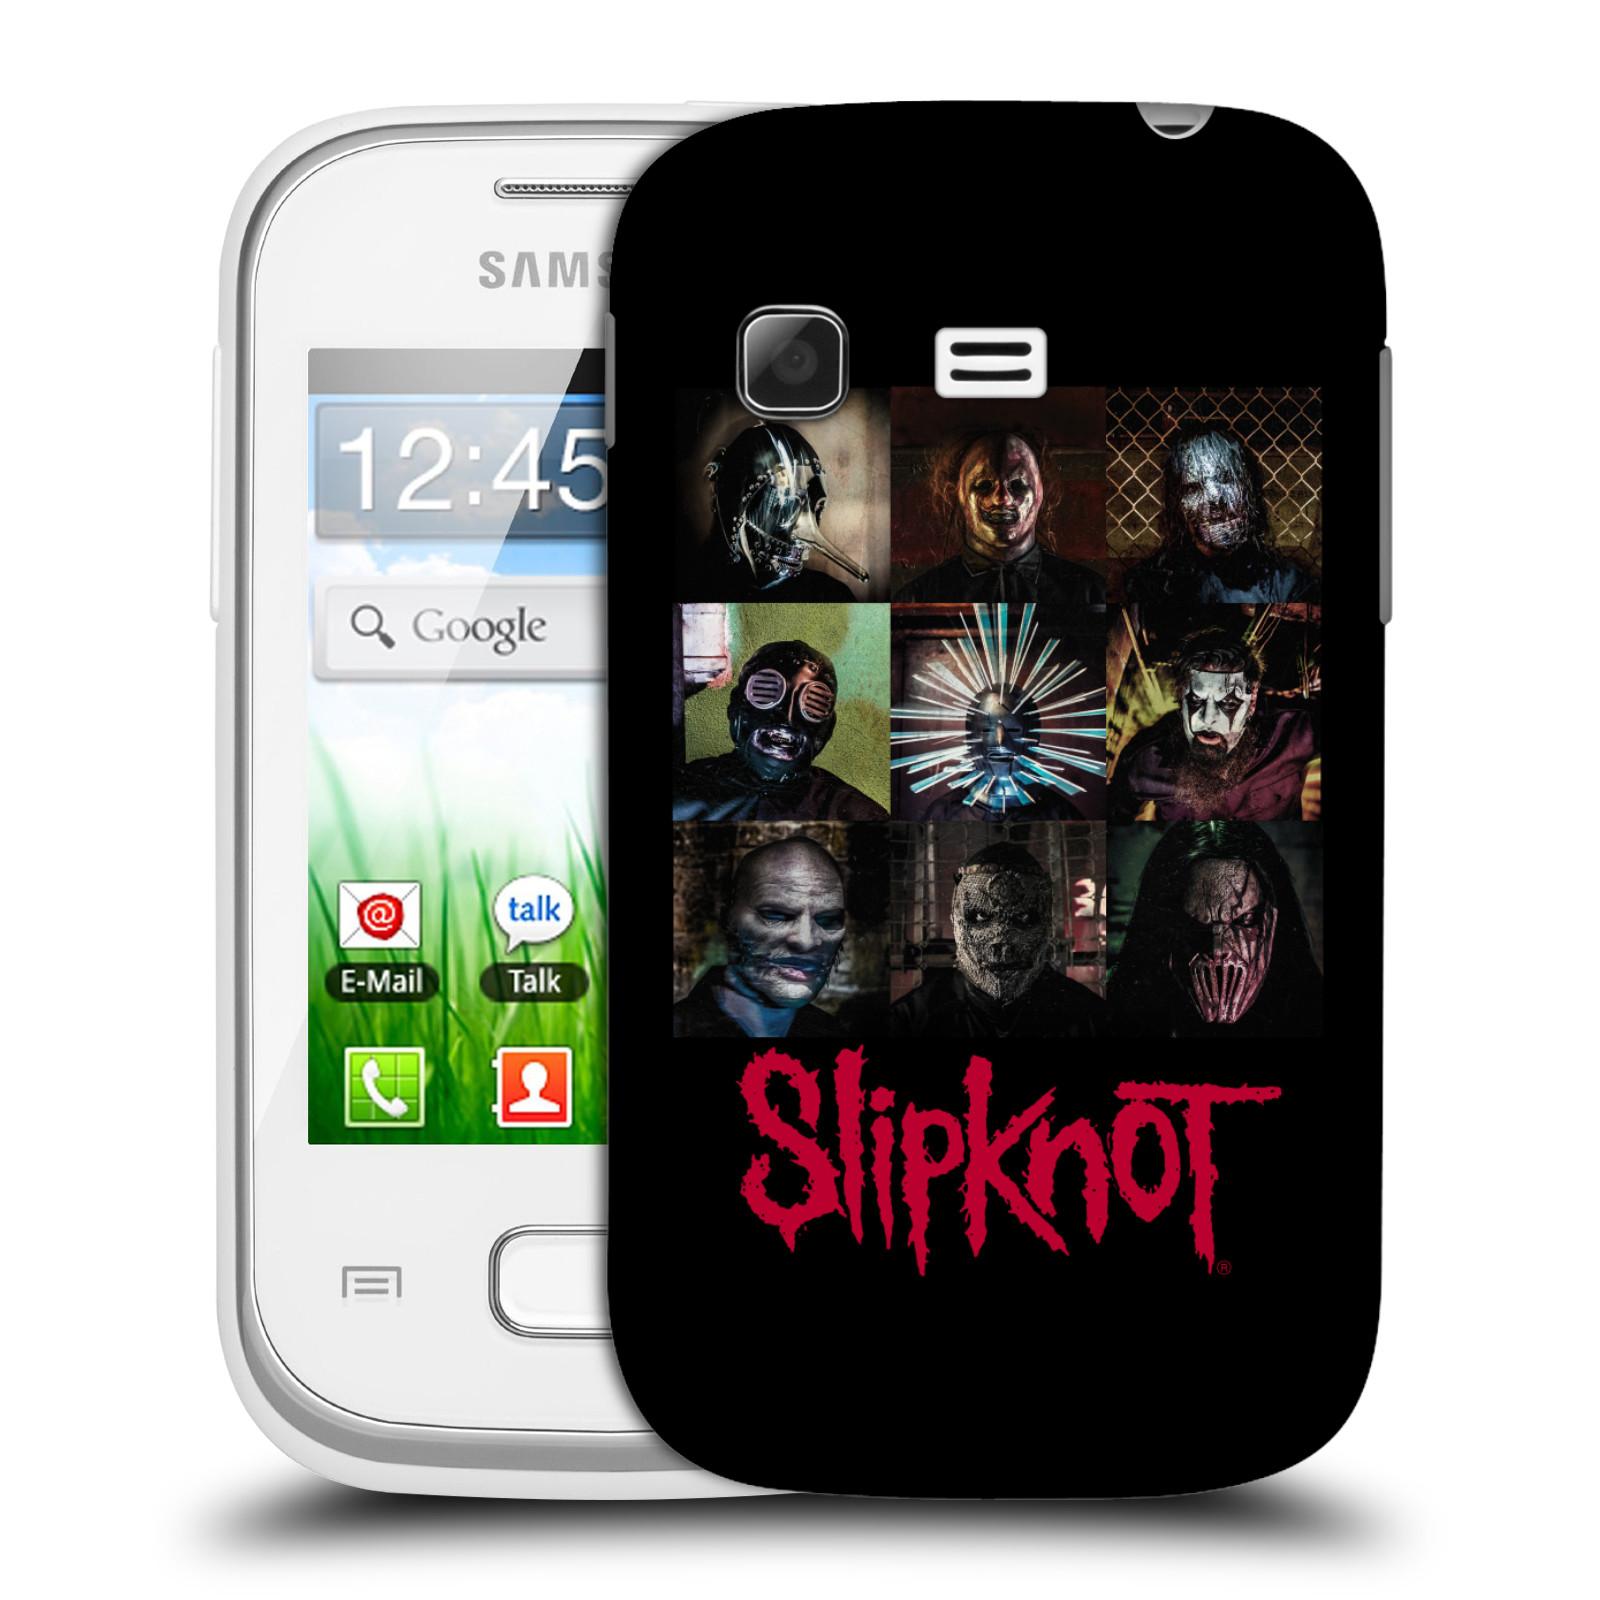 Plastové pouzdro na mobil Samsung Galaxy Pocket HEAD CASE Slipknot - Bloky (Plastový kryt či obal na mobilní telefon licencovaným motivem Slipknot pro Samsung Galaxy Pocket GT-S5300)